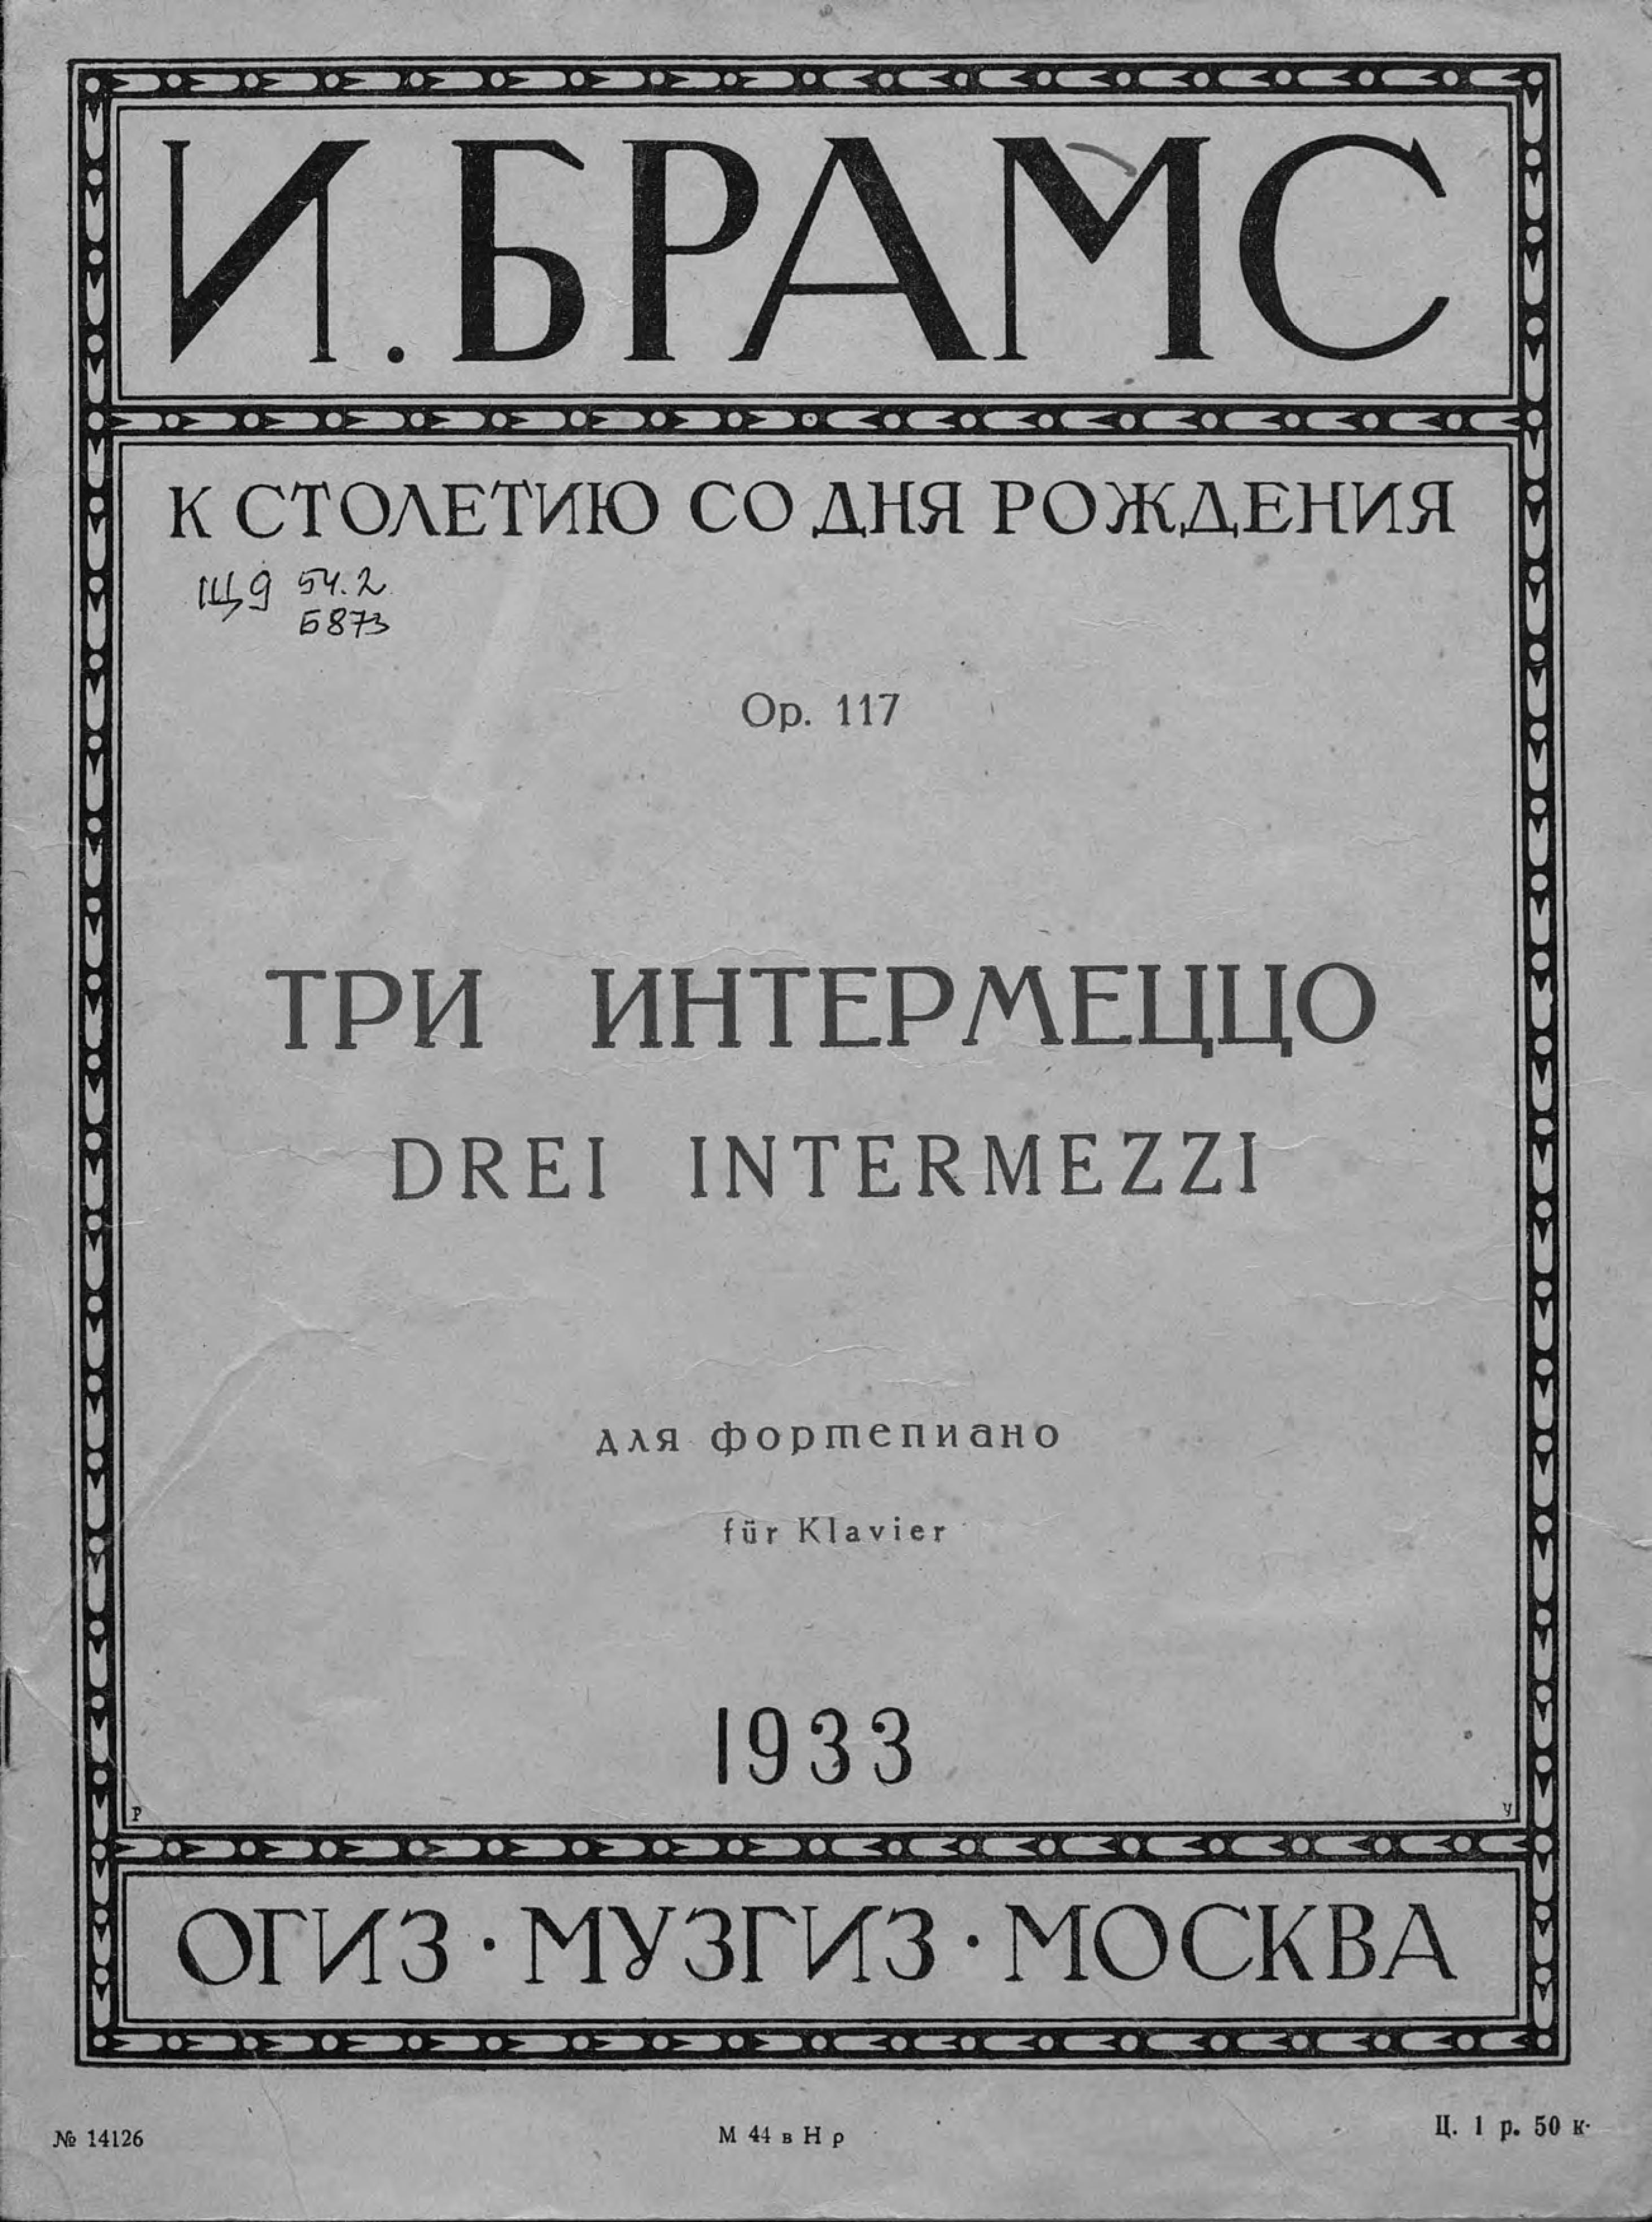 Иоганнес Брамс Три интермеццо для фортепиано давид ойстрах limited edition выпуск 2 франц шуберт иоганнес брамс сонаты для скрипки lp